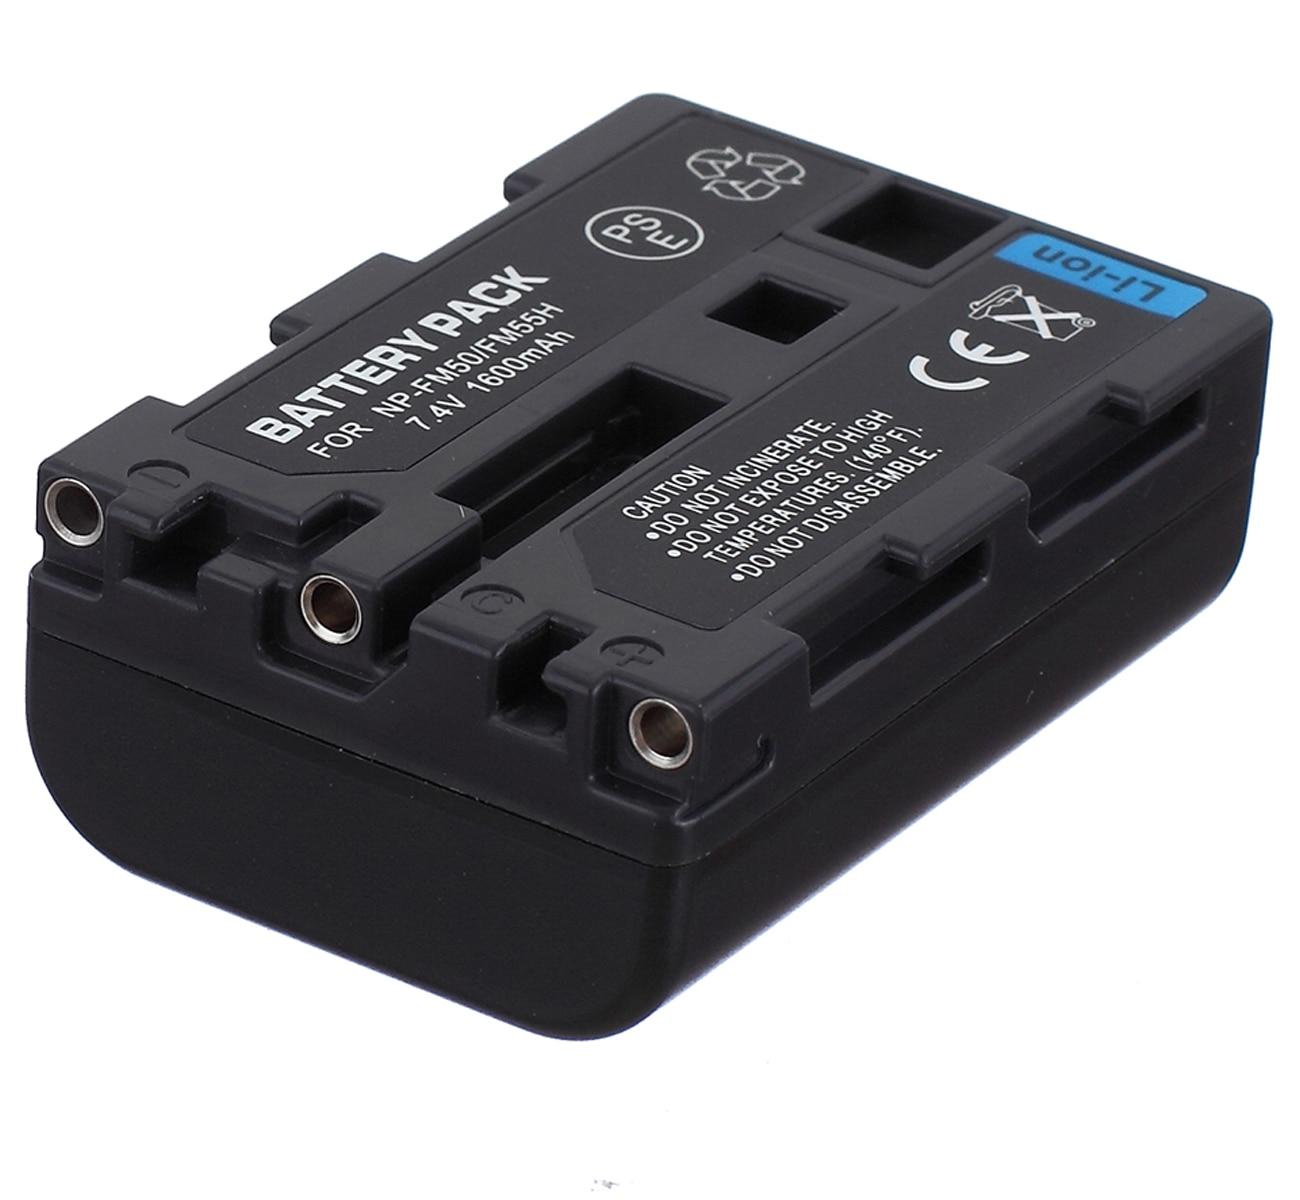 ccd-trv49 Premium Batería Para Sony ccd-trv57e ccd-trv67e DCR-TRV210 Hvr-z1j